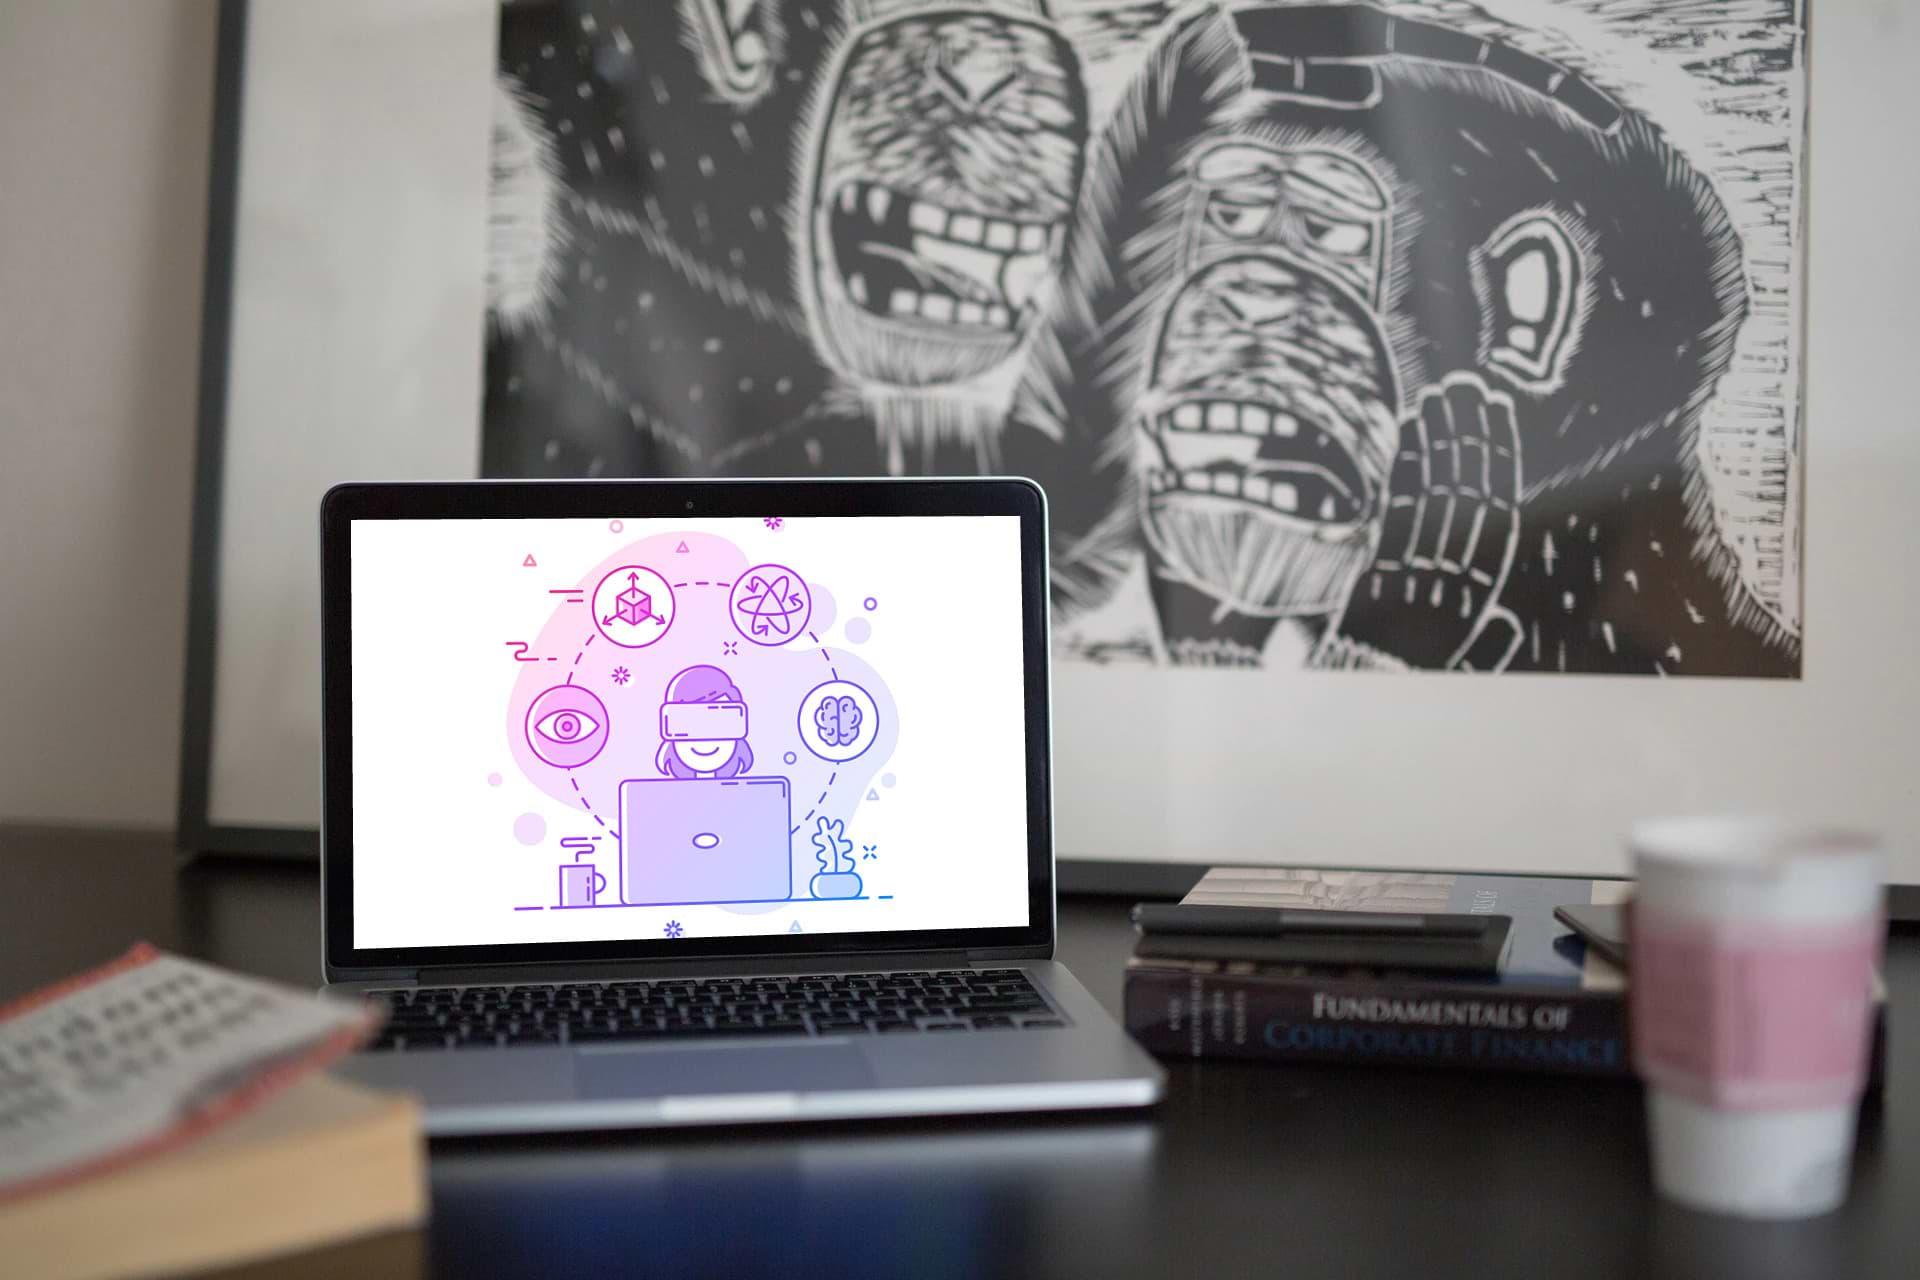 Illustrateur personnage & mascotte publicitaire